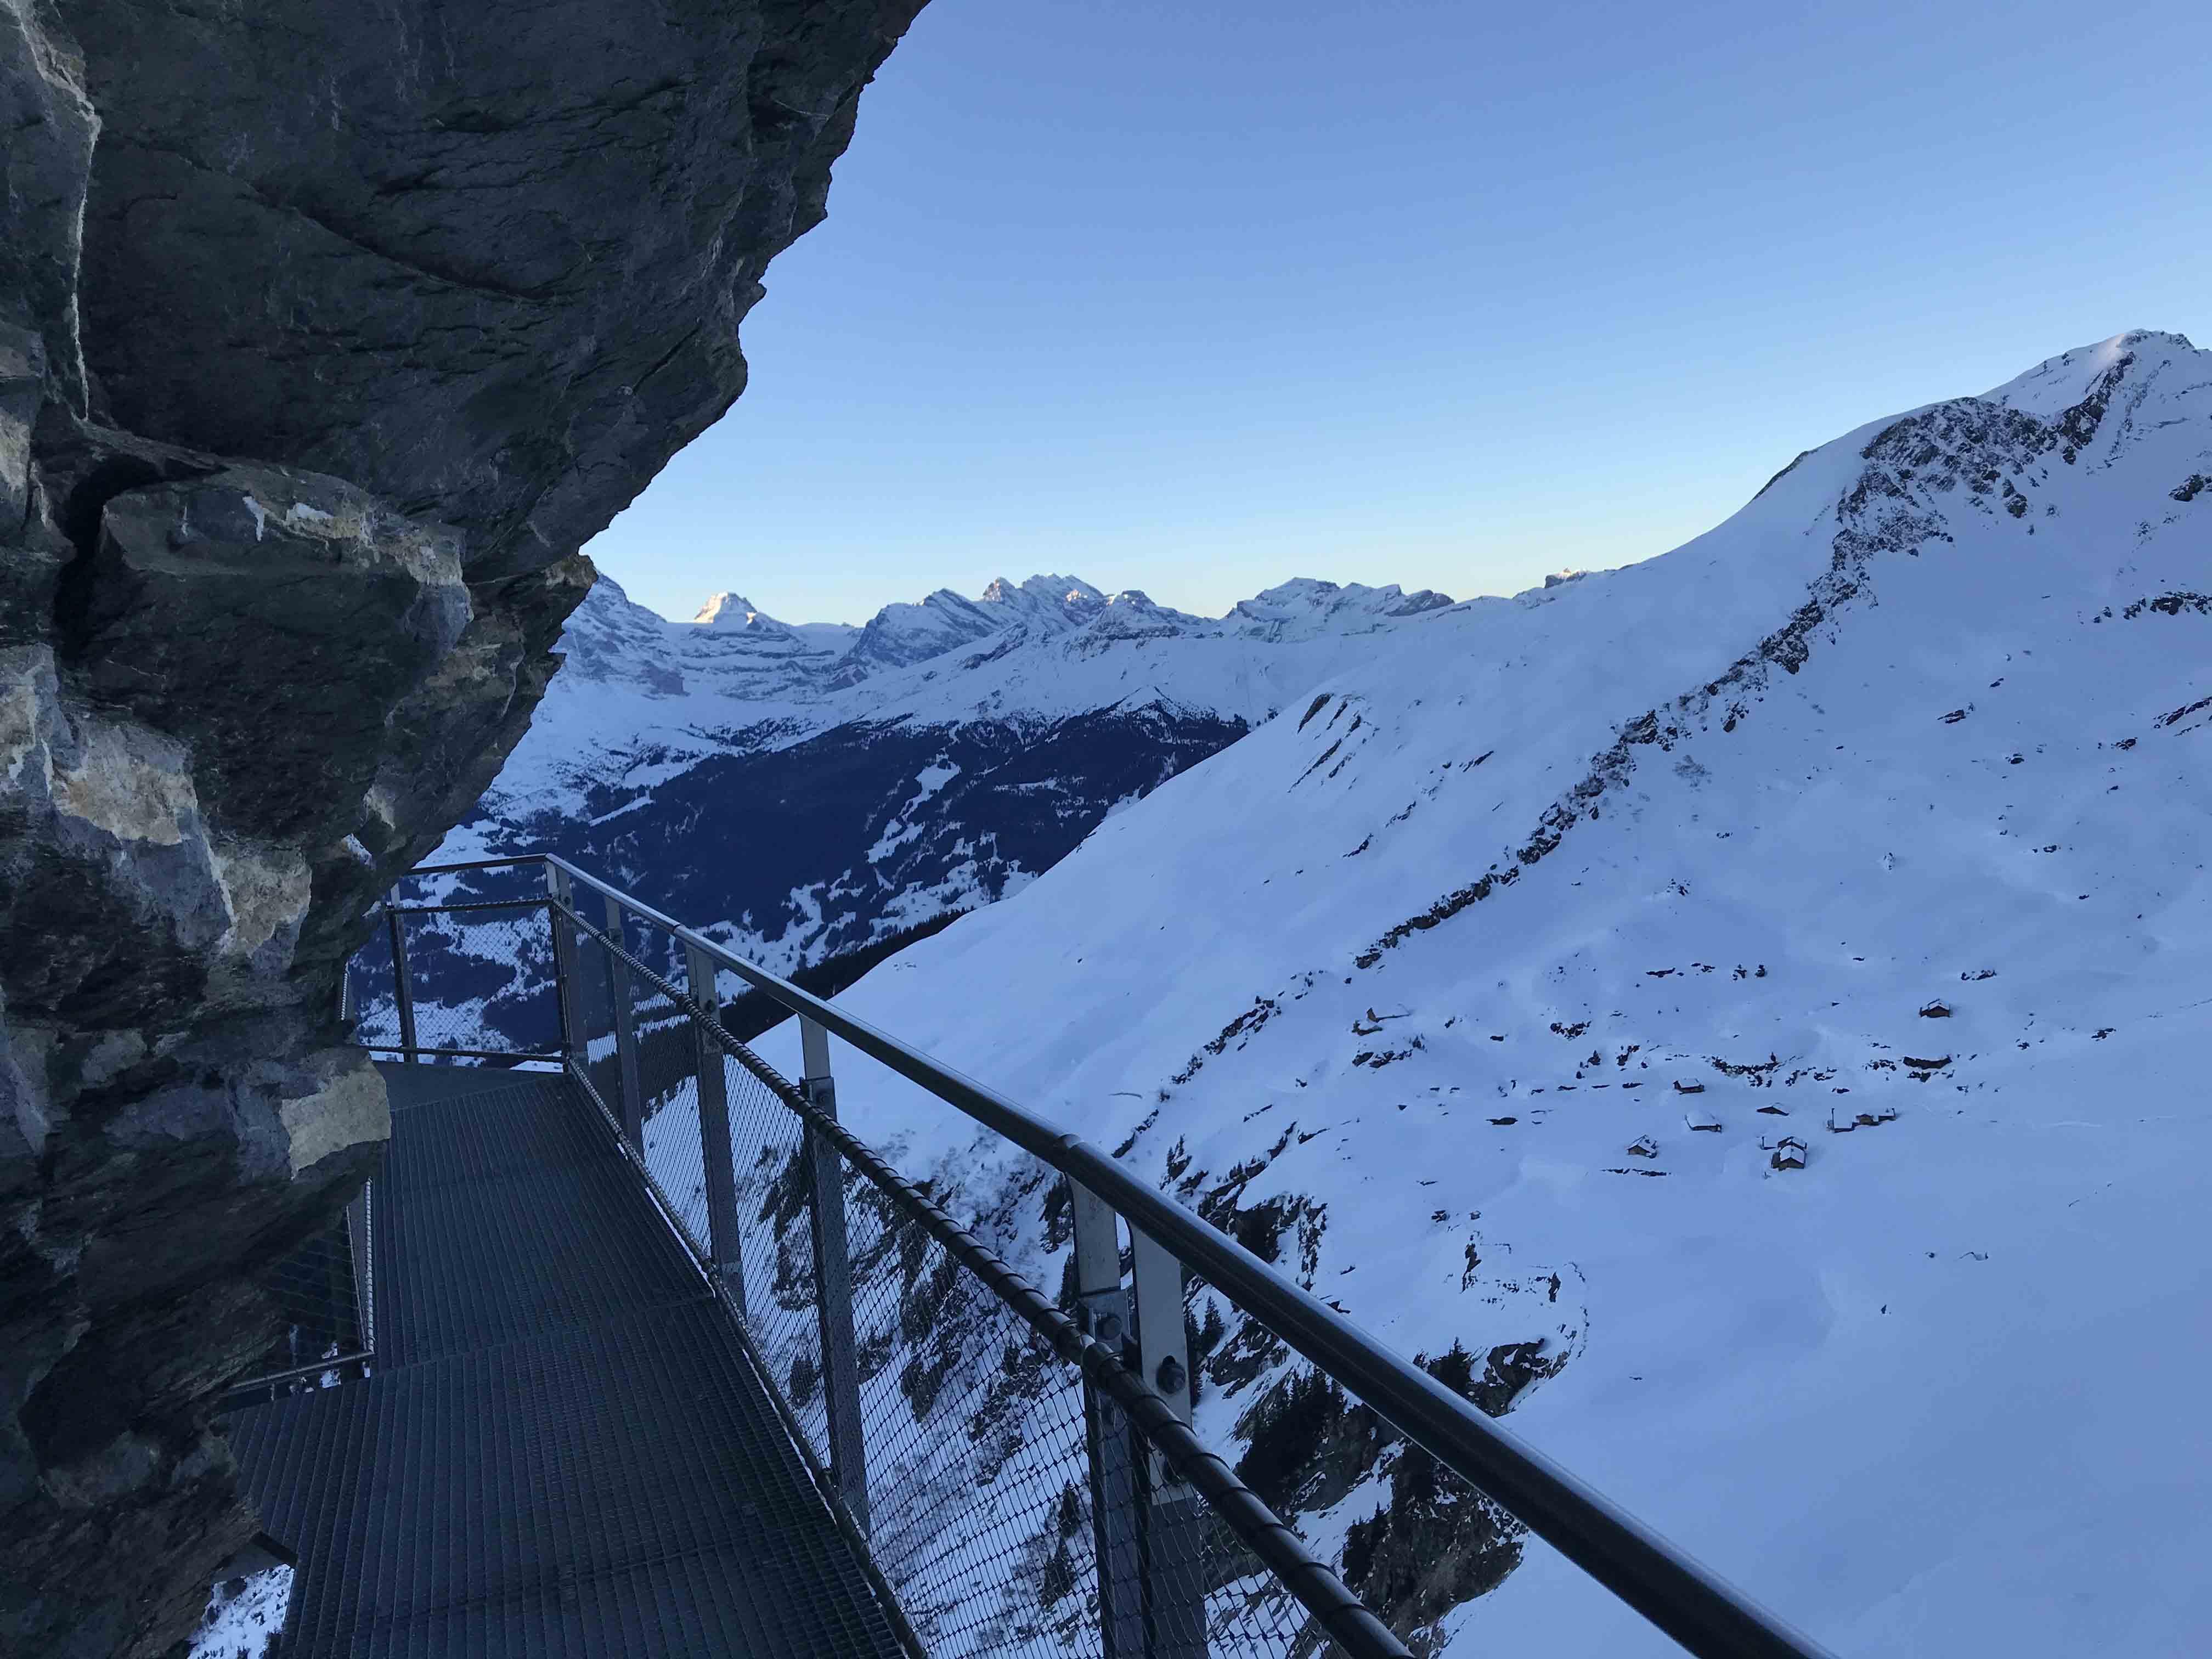 Ferienwohnung Chalet Anemone Grindelwald-First Cliff Walk am felsen